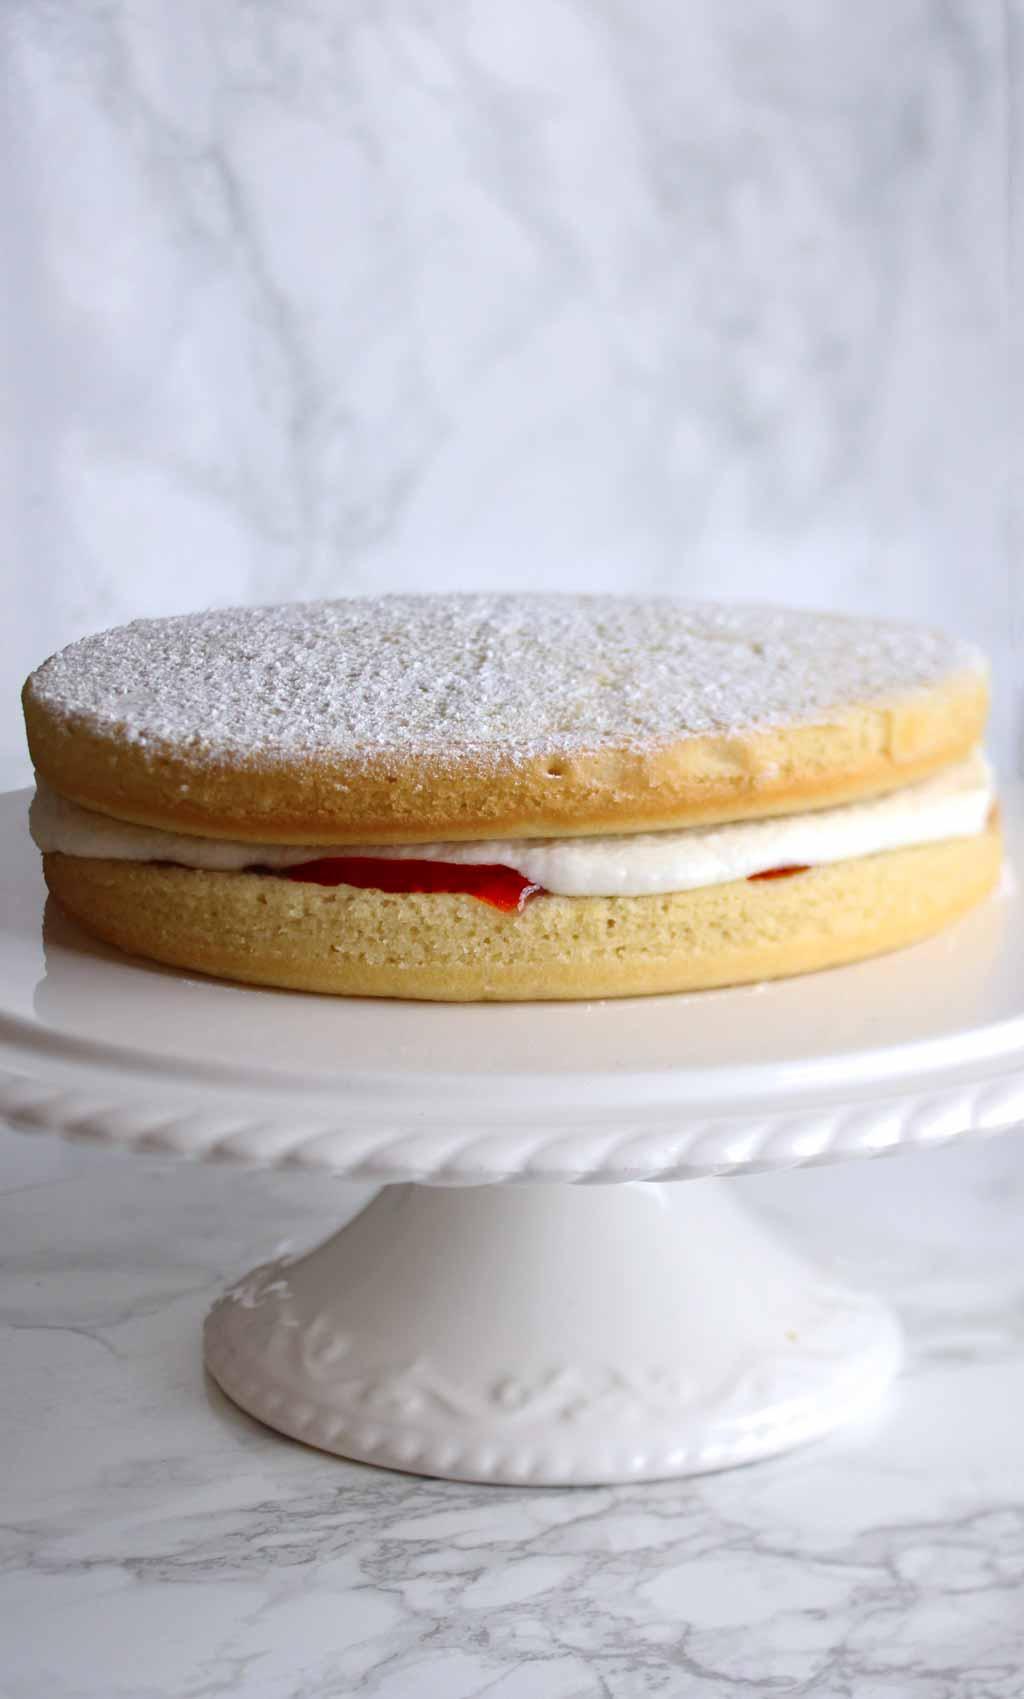 Vegan Victoria Sponge on a cake stand